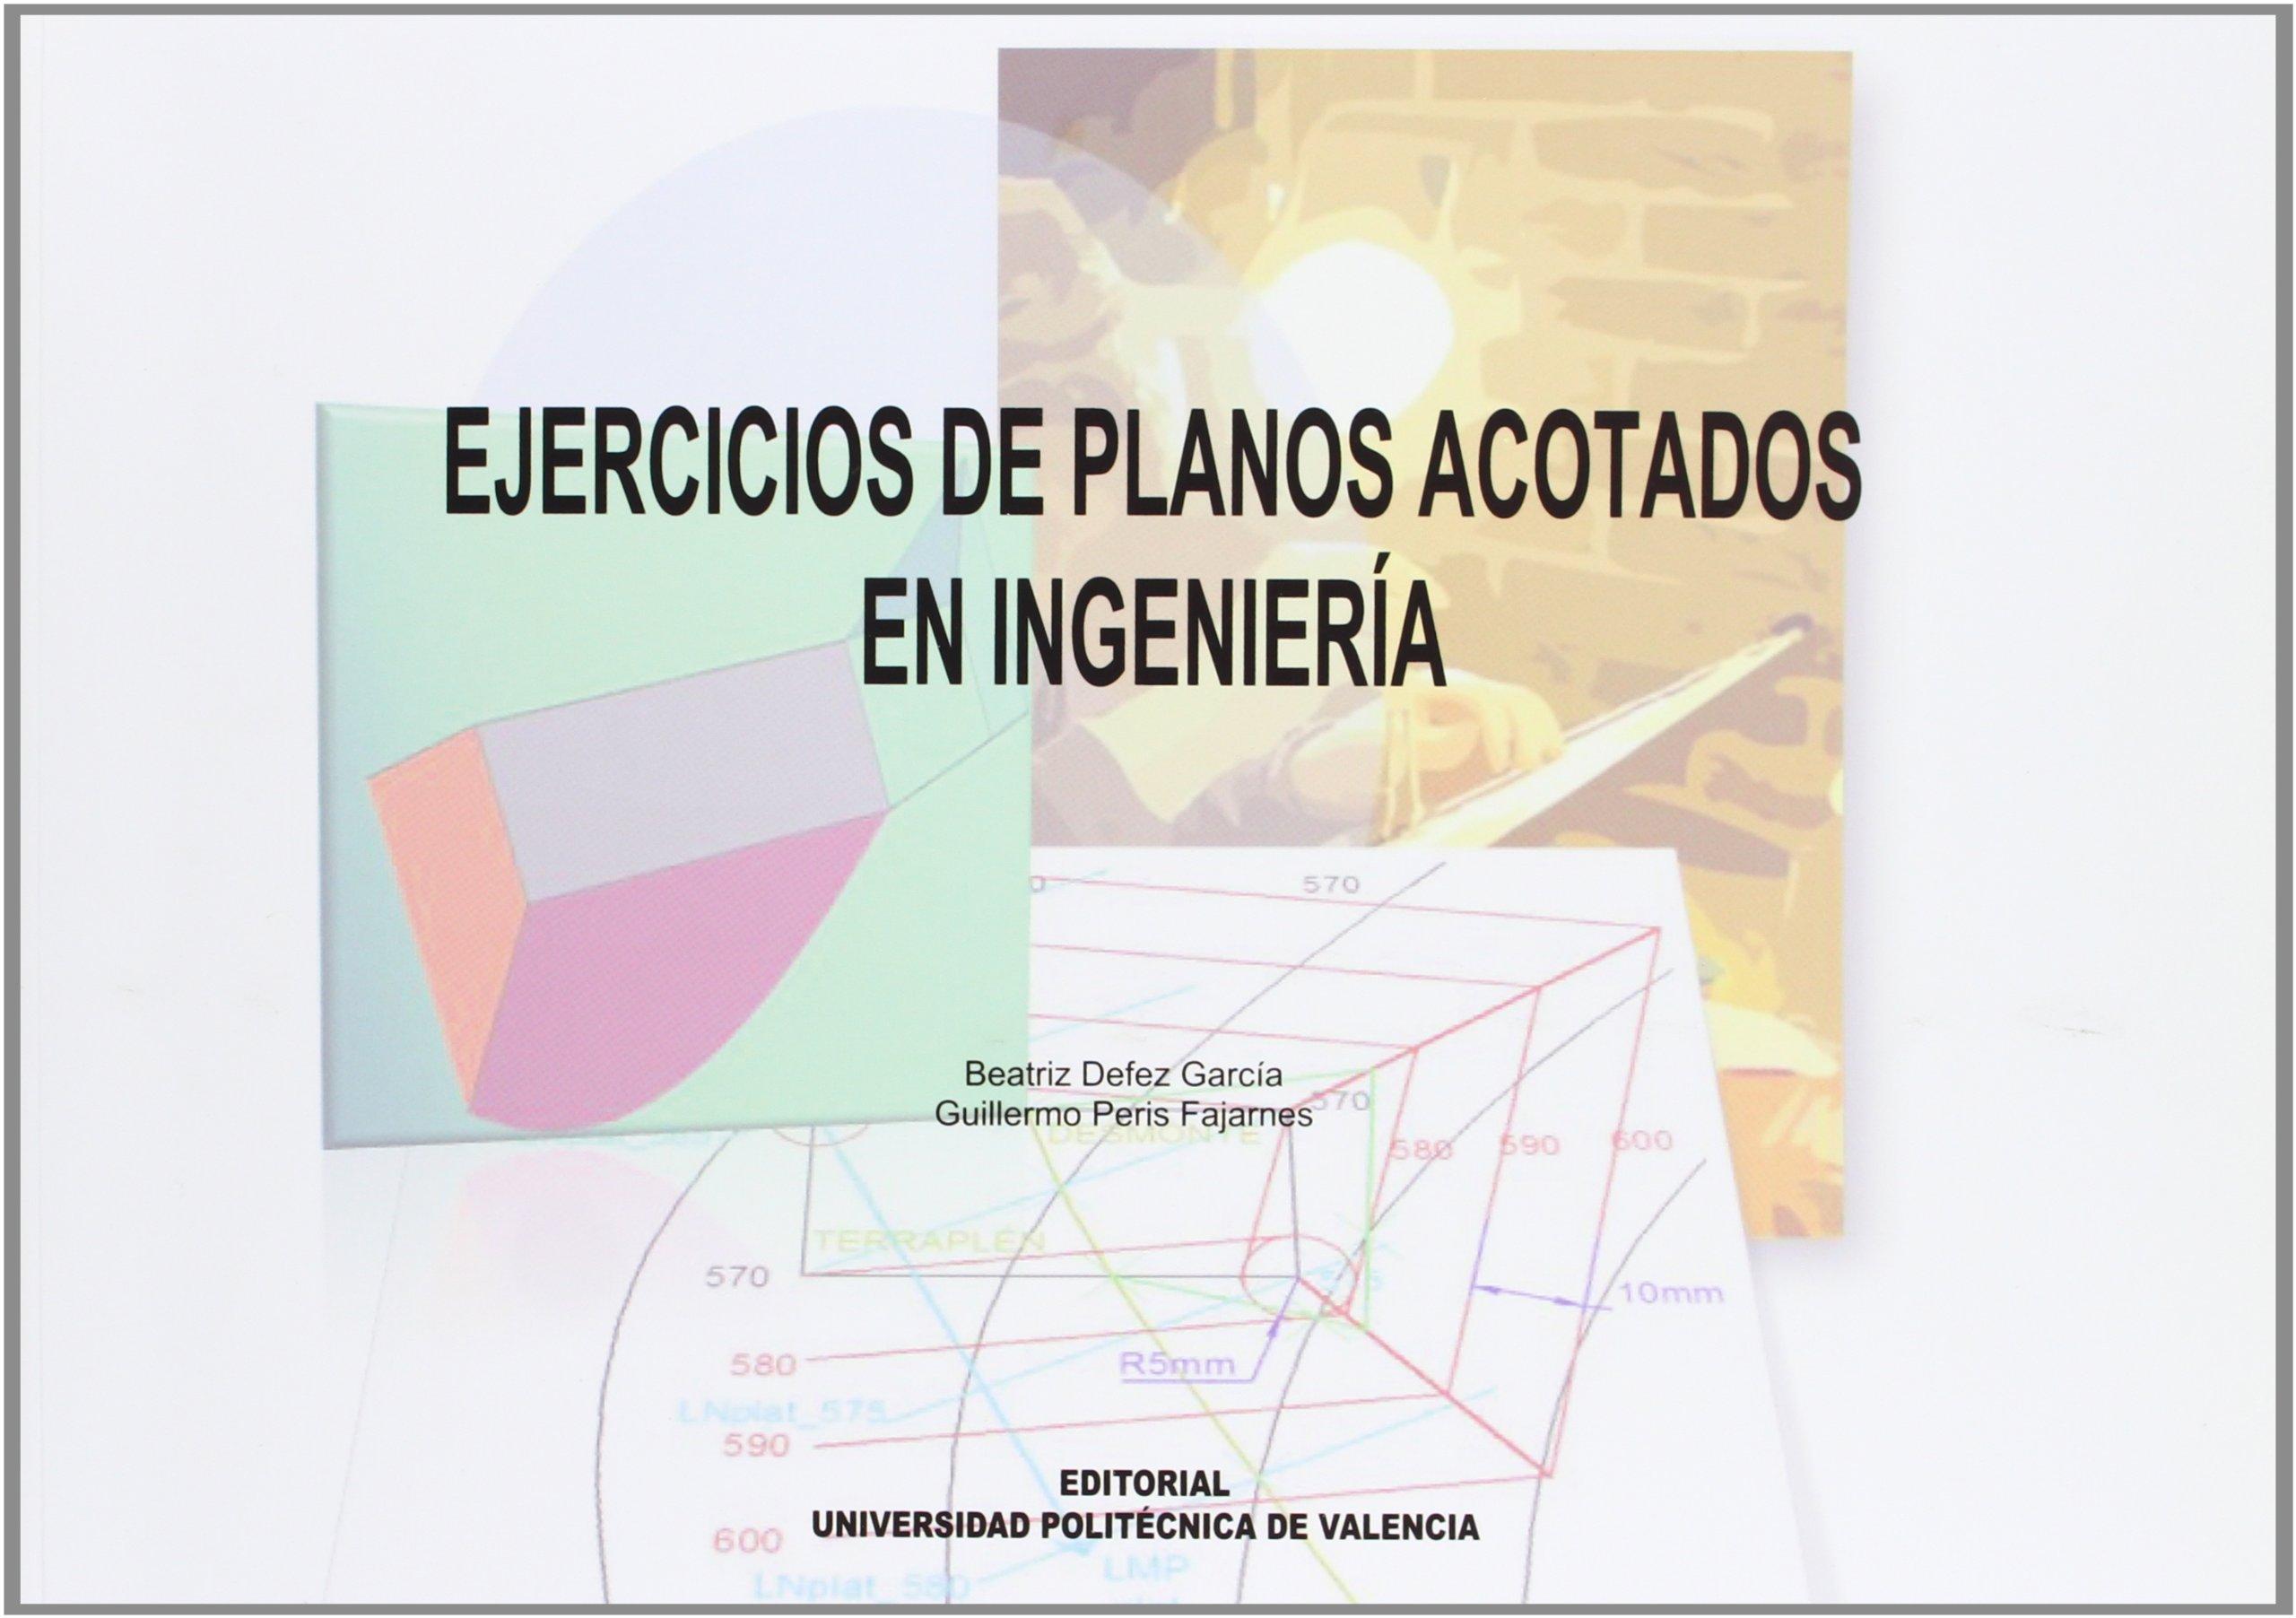 Ejercicios de Planos Acotados En Ingeniería Académica: Amazon.es: Guillermo Peris Fajarnes, Beatriz Defez García: Libros